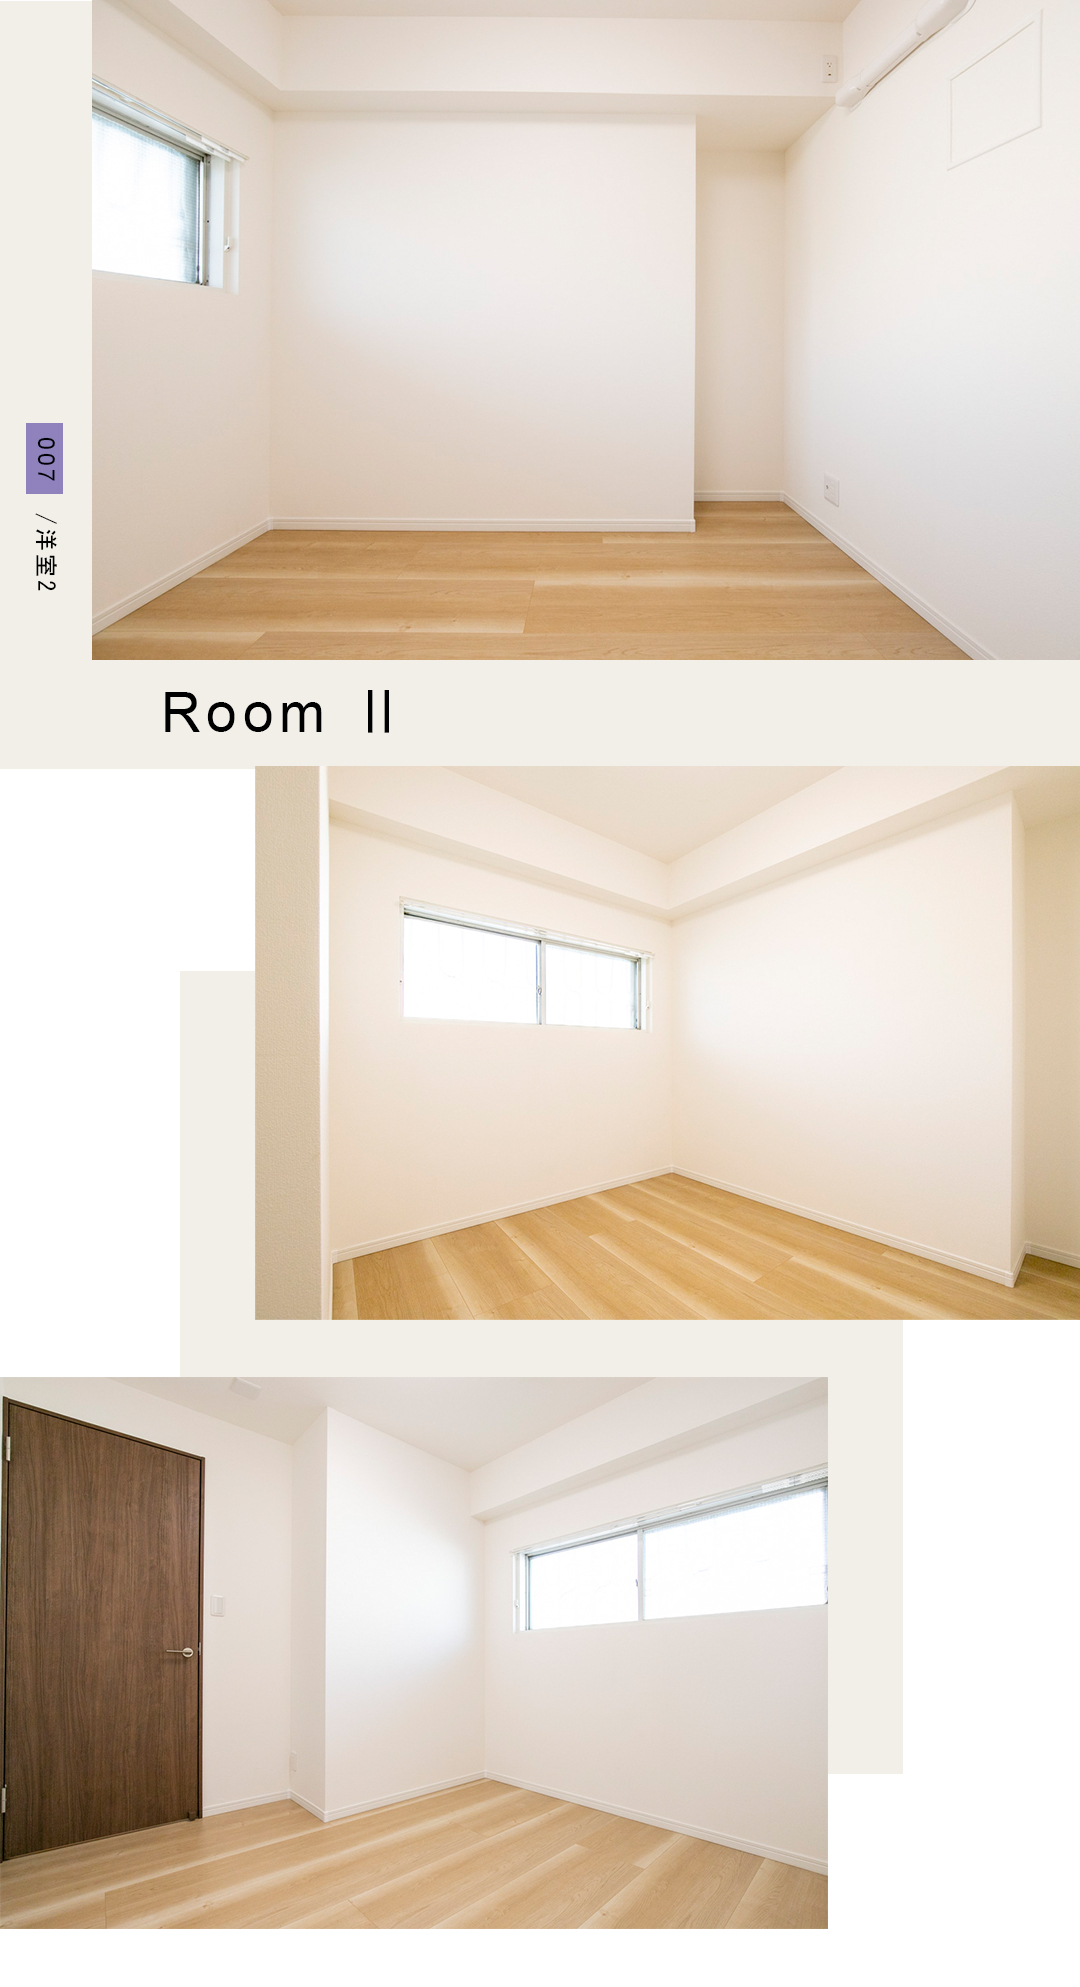 07洋室2、Room Ⅱ